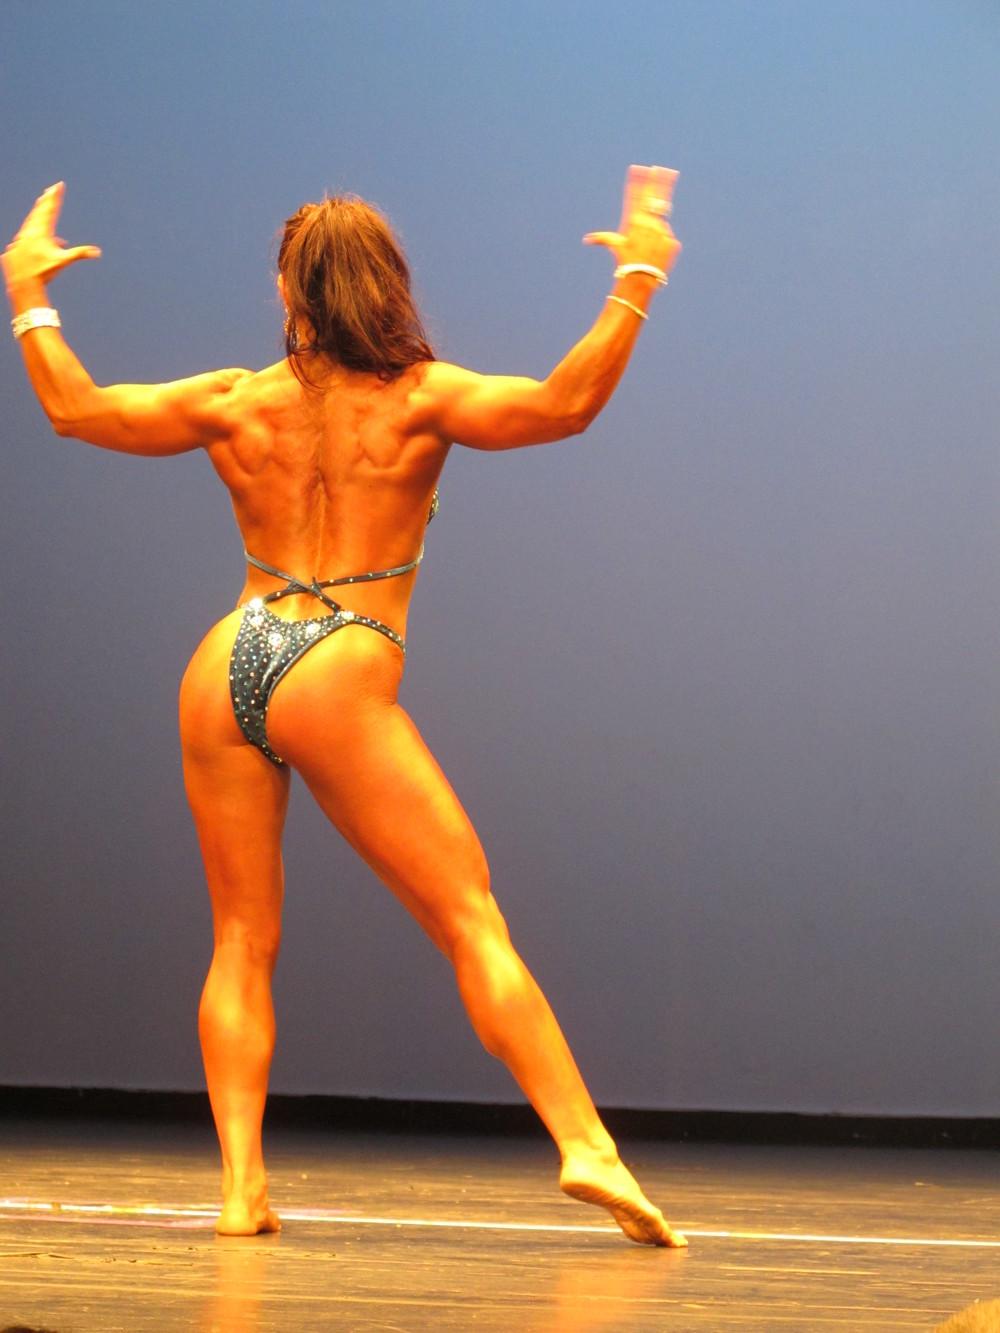 bodybuilding 093.jpg